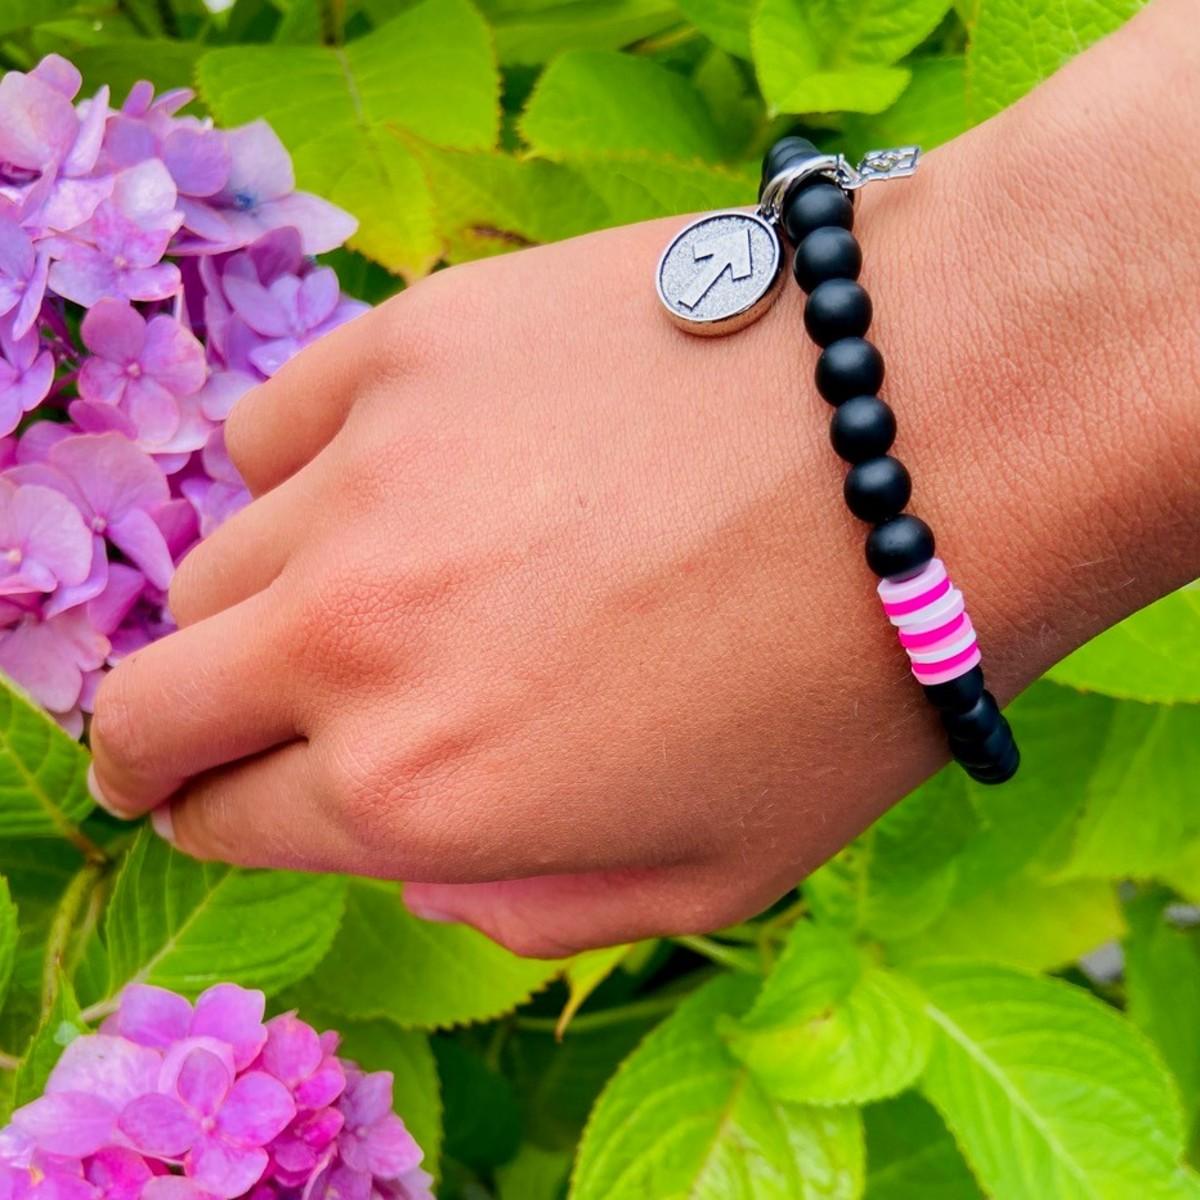 SU2C Breast Cancer WRISTROCK Bracelet